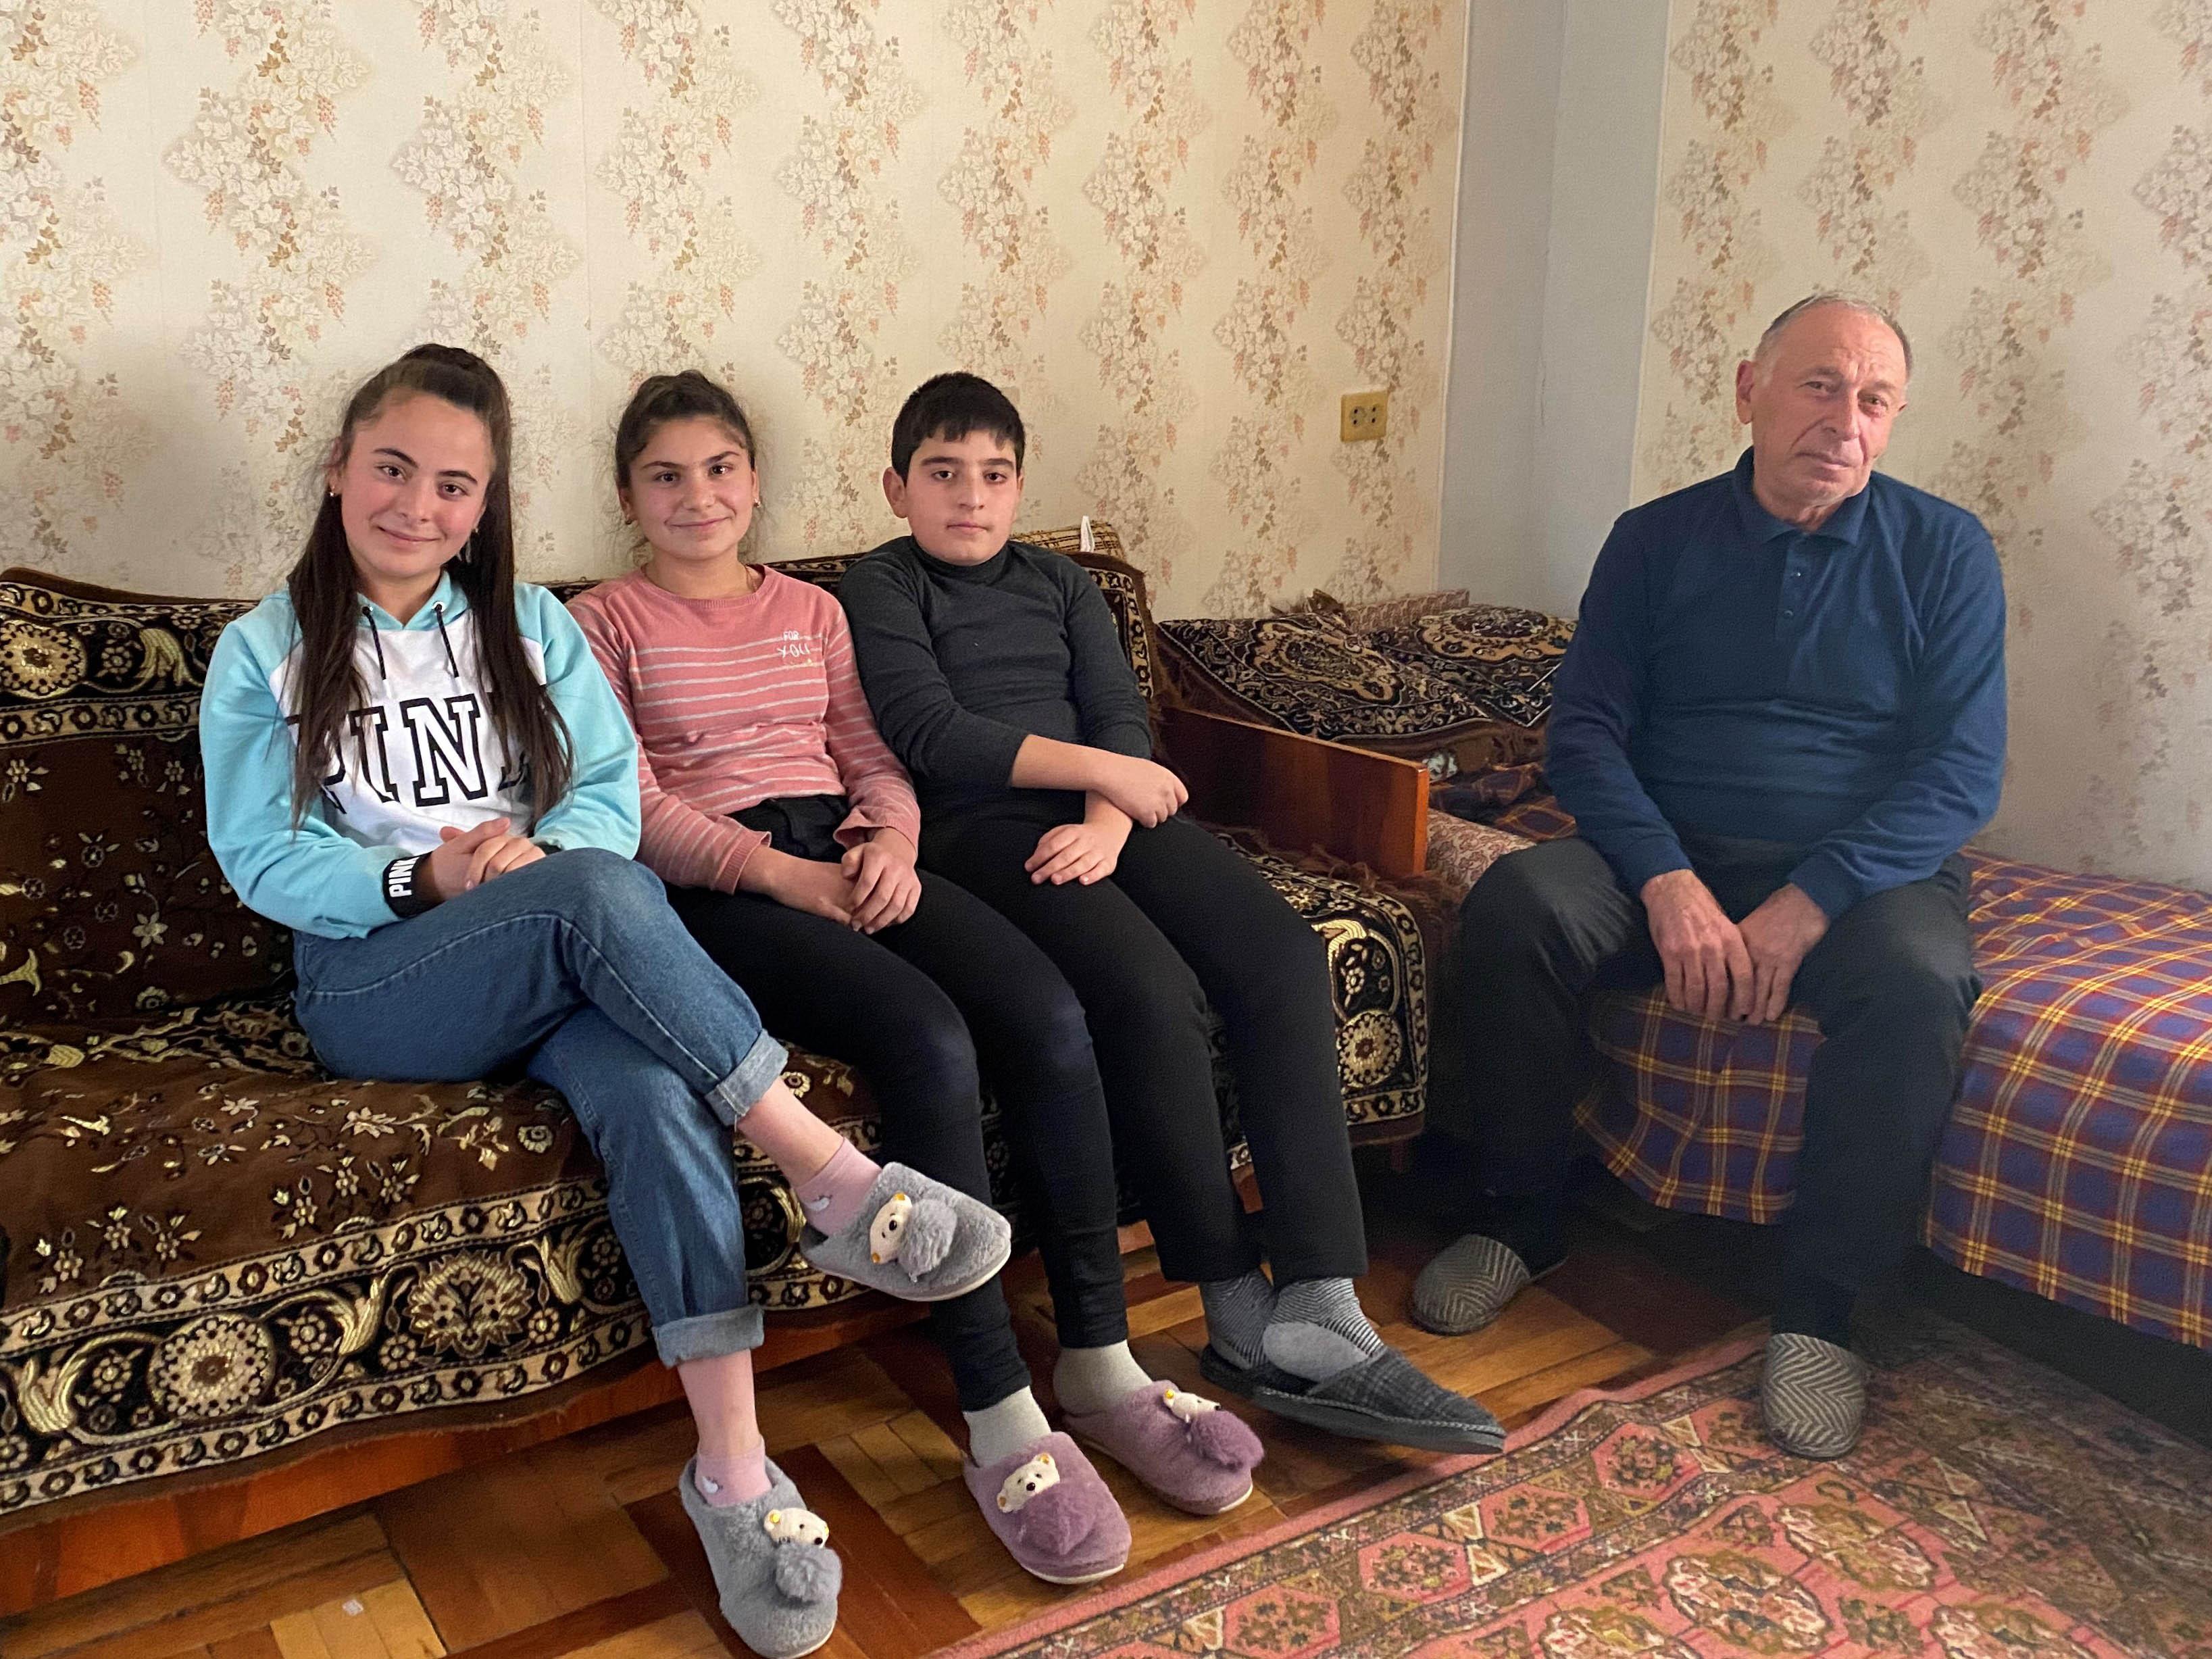 Zhora Poghosyan with his grandchildren. Photo: Dvin Titizian/OC Media.